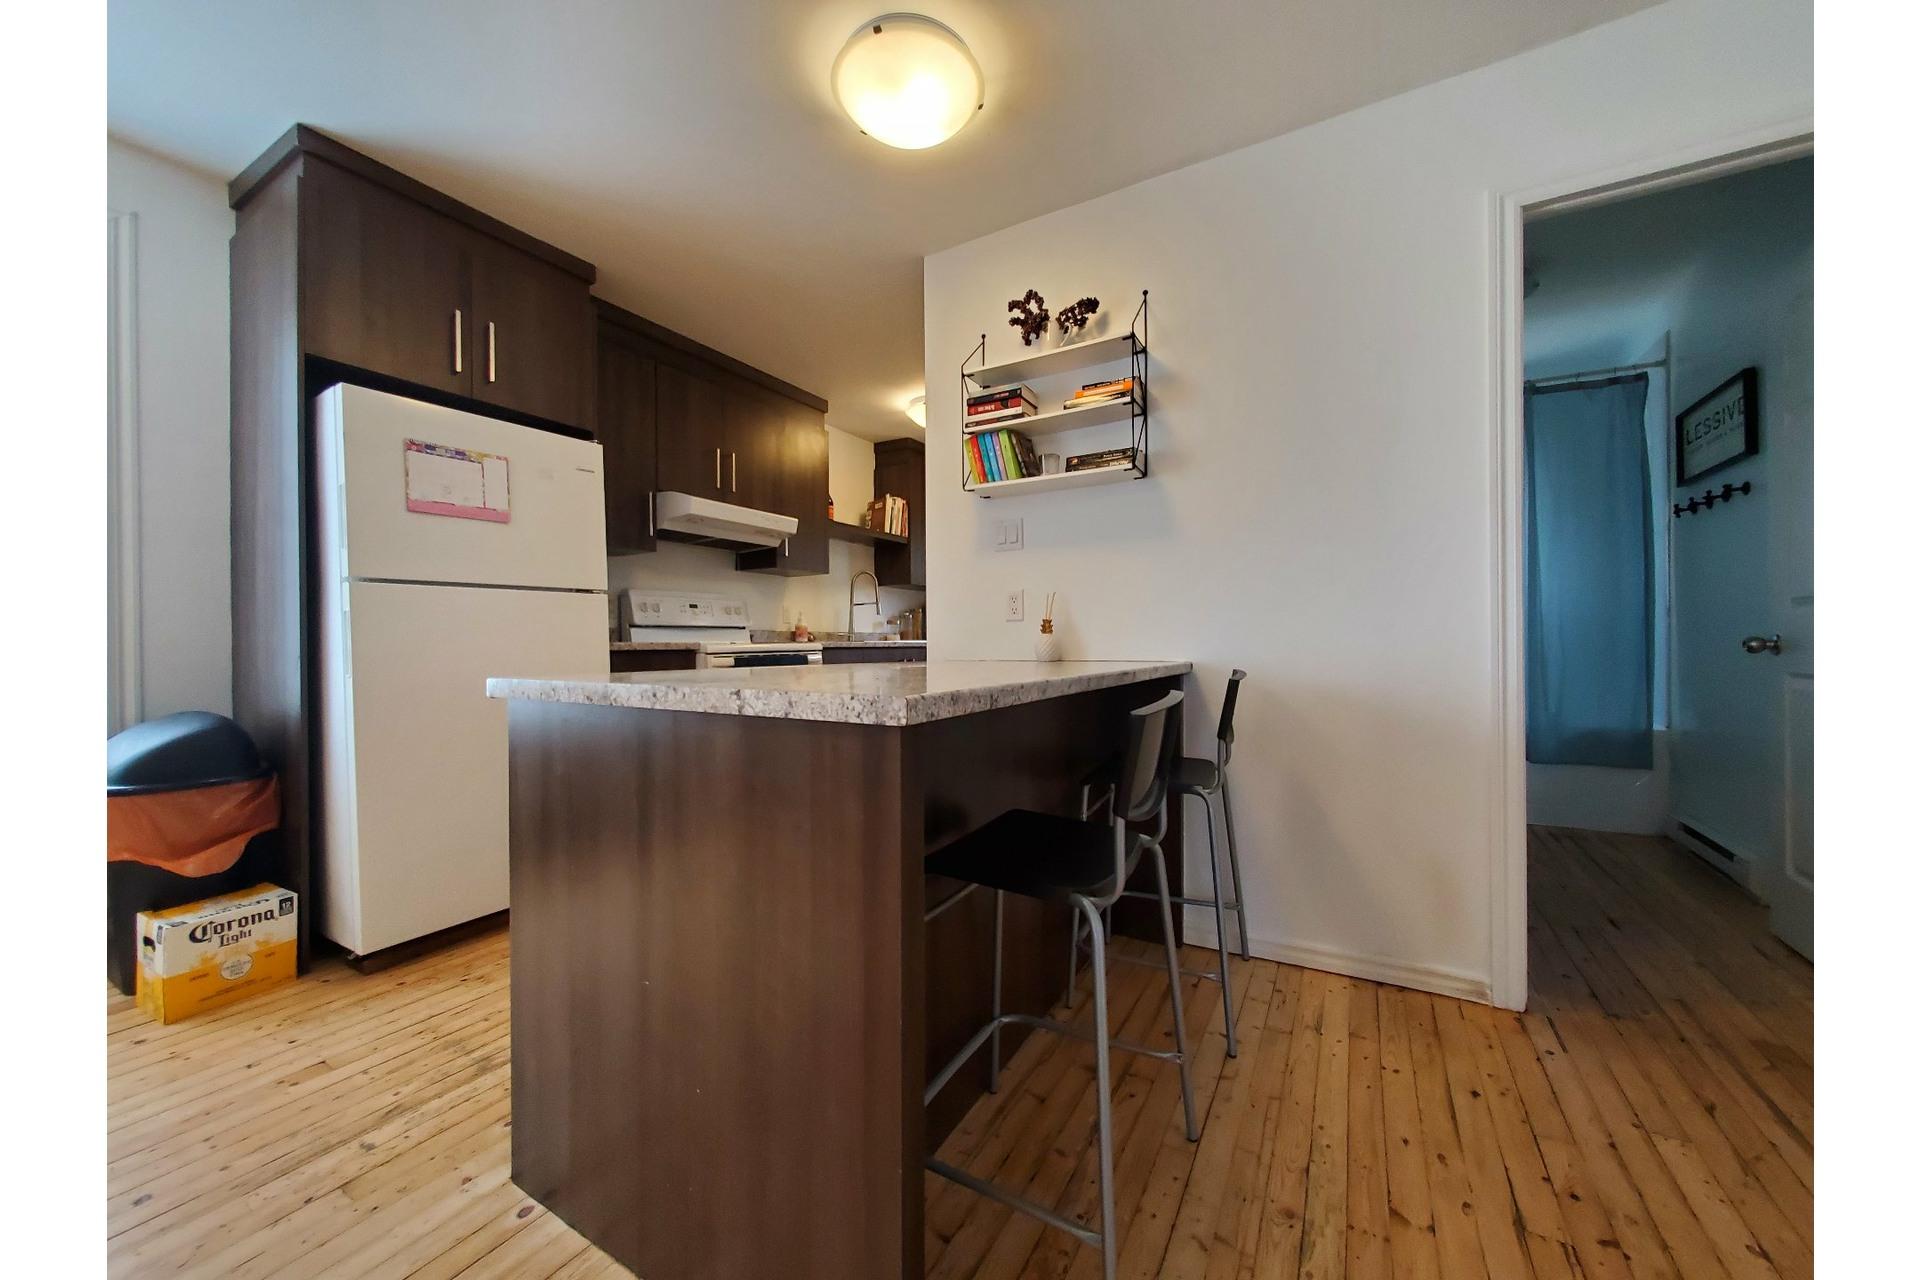 image 30 - Duplex For sale Trois-Rivières - 9 rooms